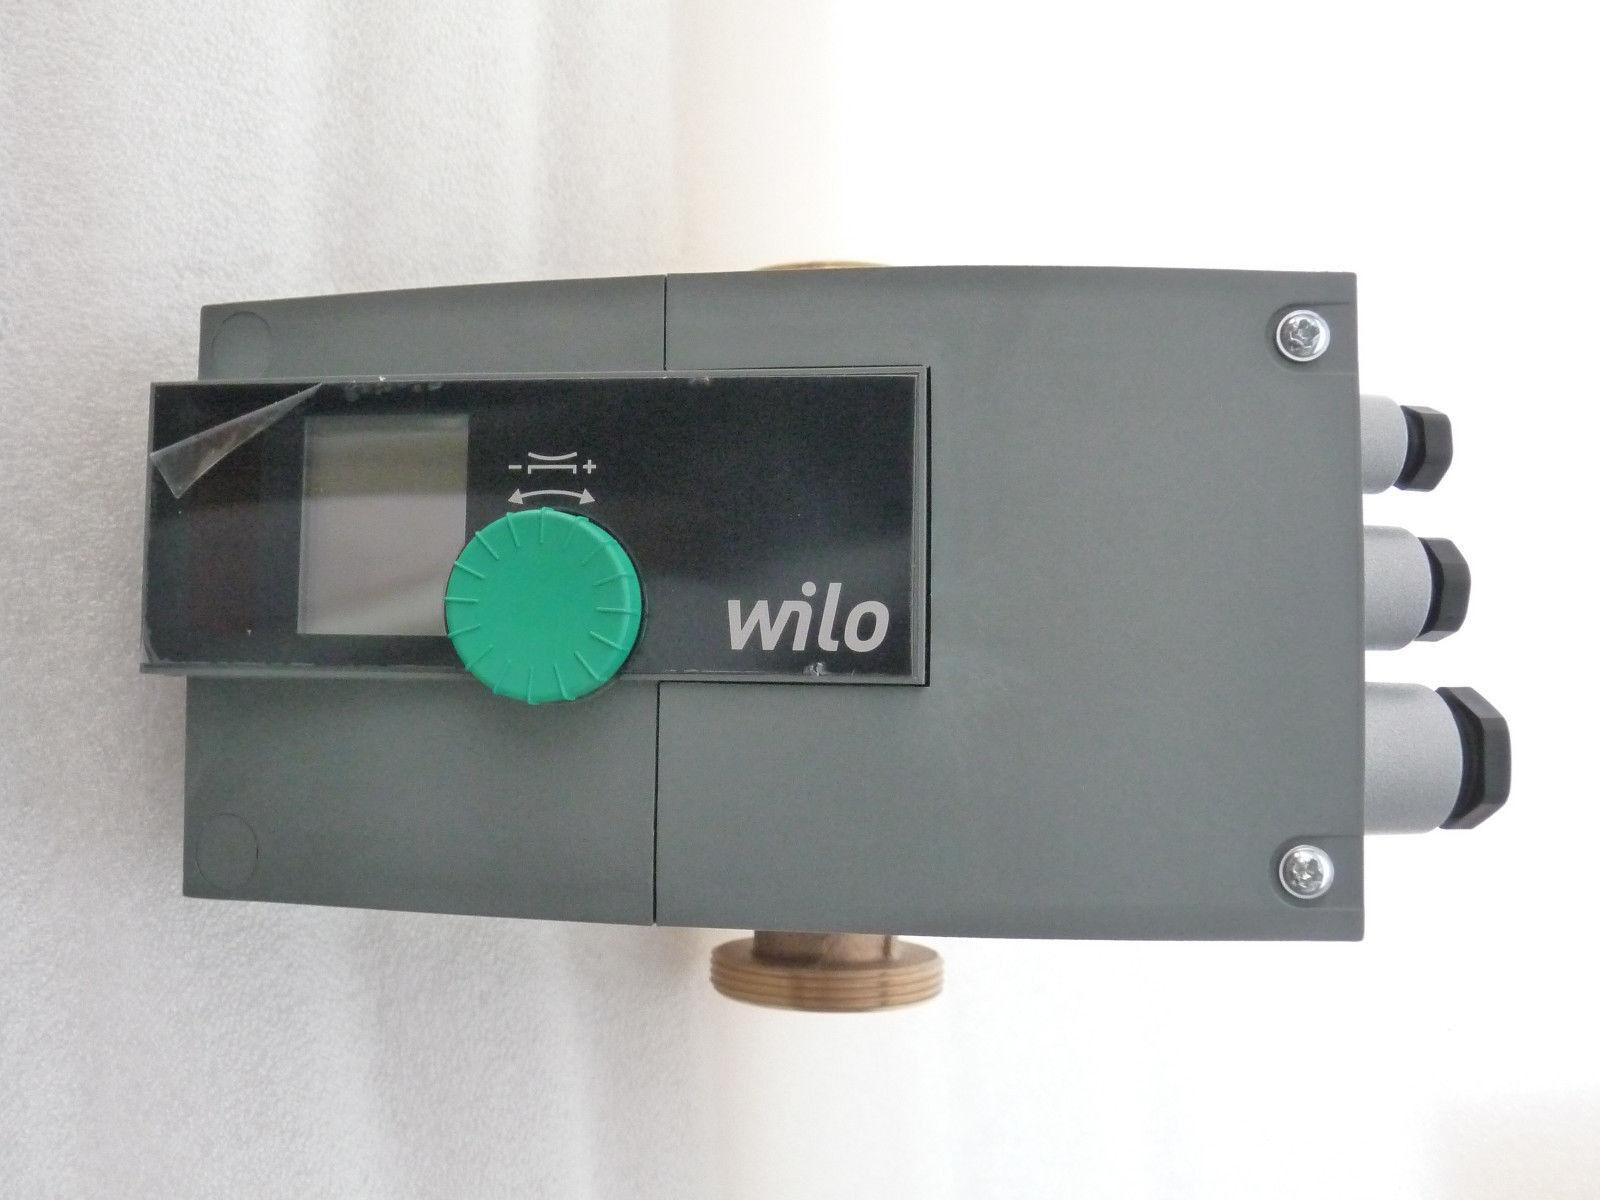 Wilo Stratos Z 30/1-8 RG Zirkulationspumpe 230 Volt 180 mm NEU 2113790 P6067/18